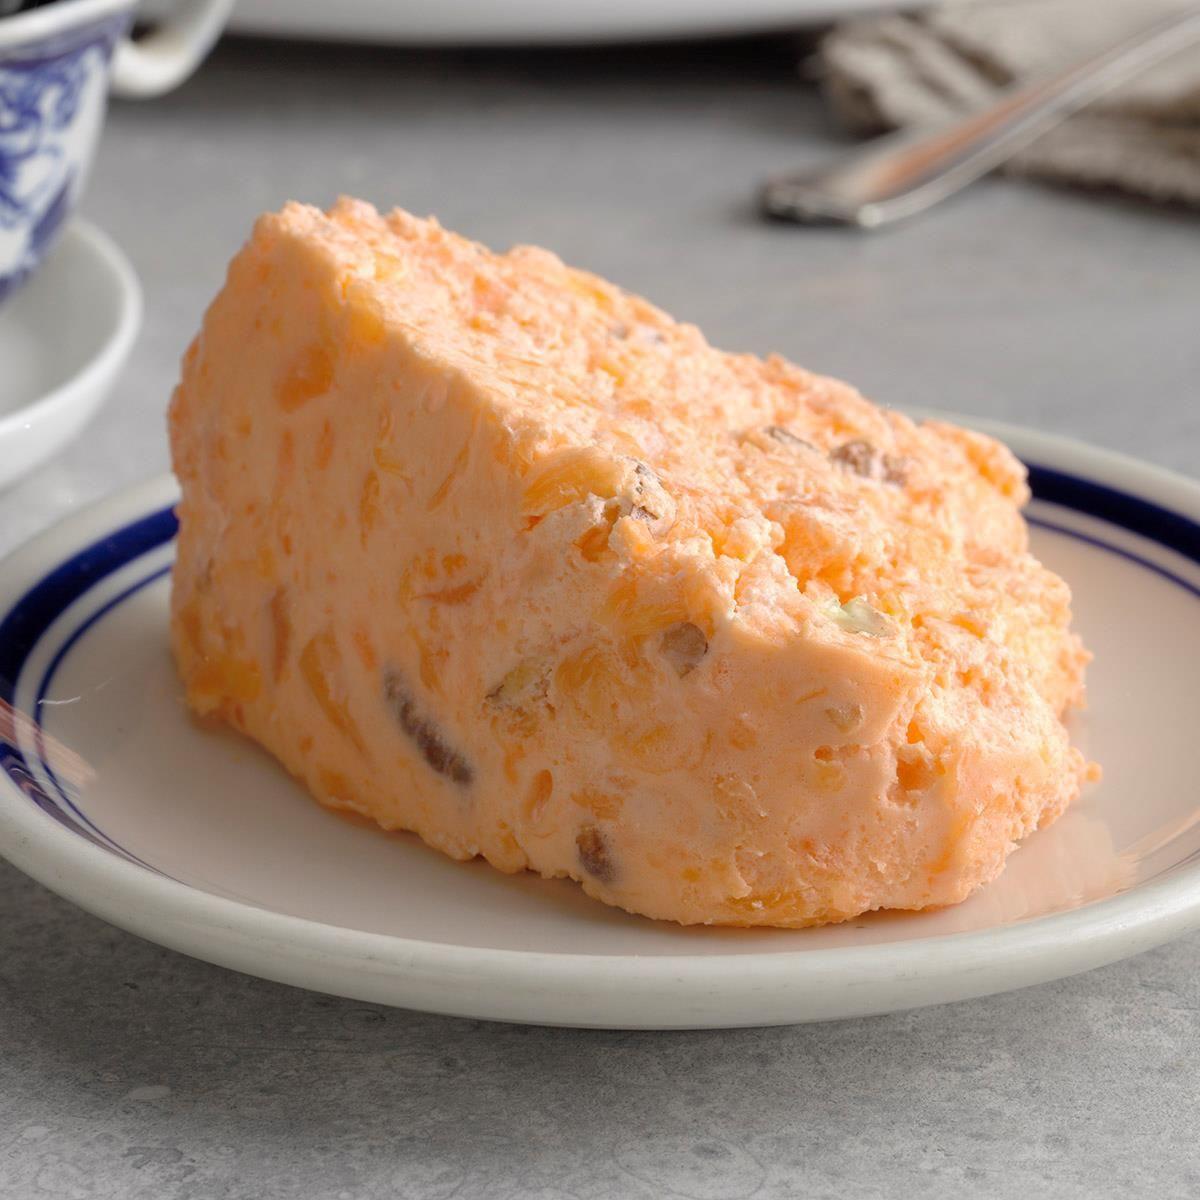 Orange Buttermilk Gelatin Salad Mold Recipe In 2020 Gelatin Salad Recipes Jello Recipes